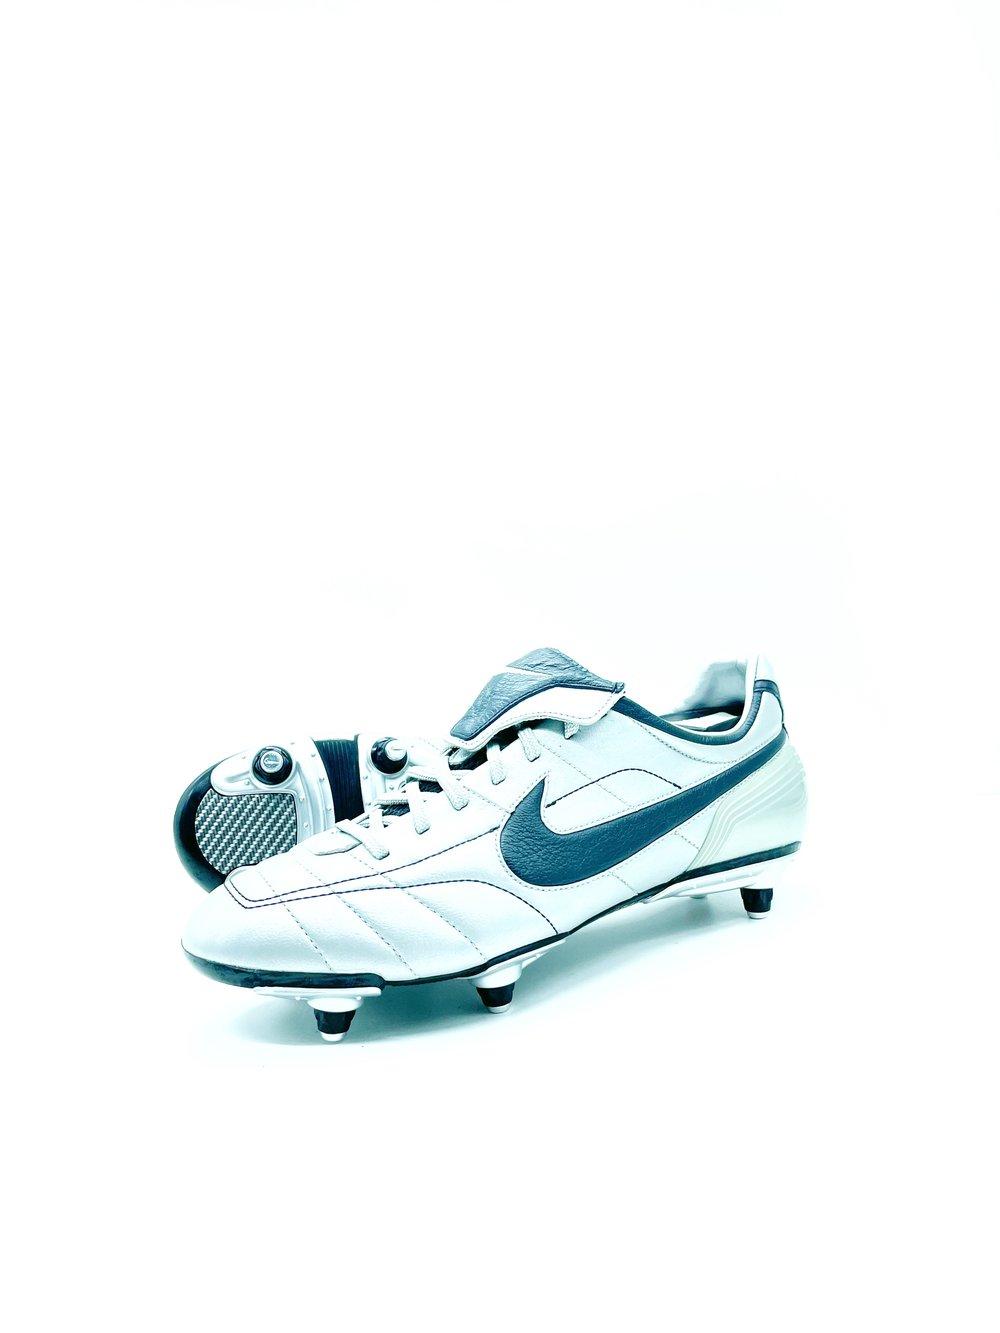 Image of Nike Tiempo Legend silver SG